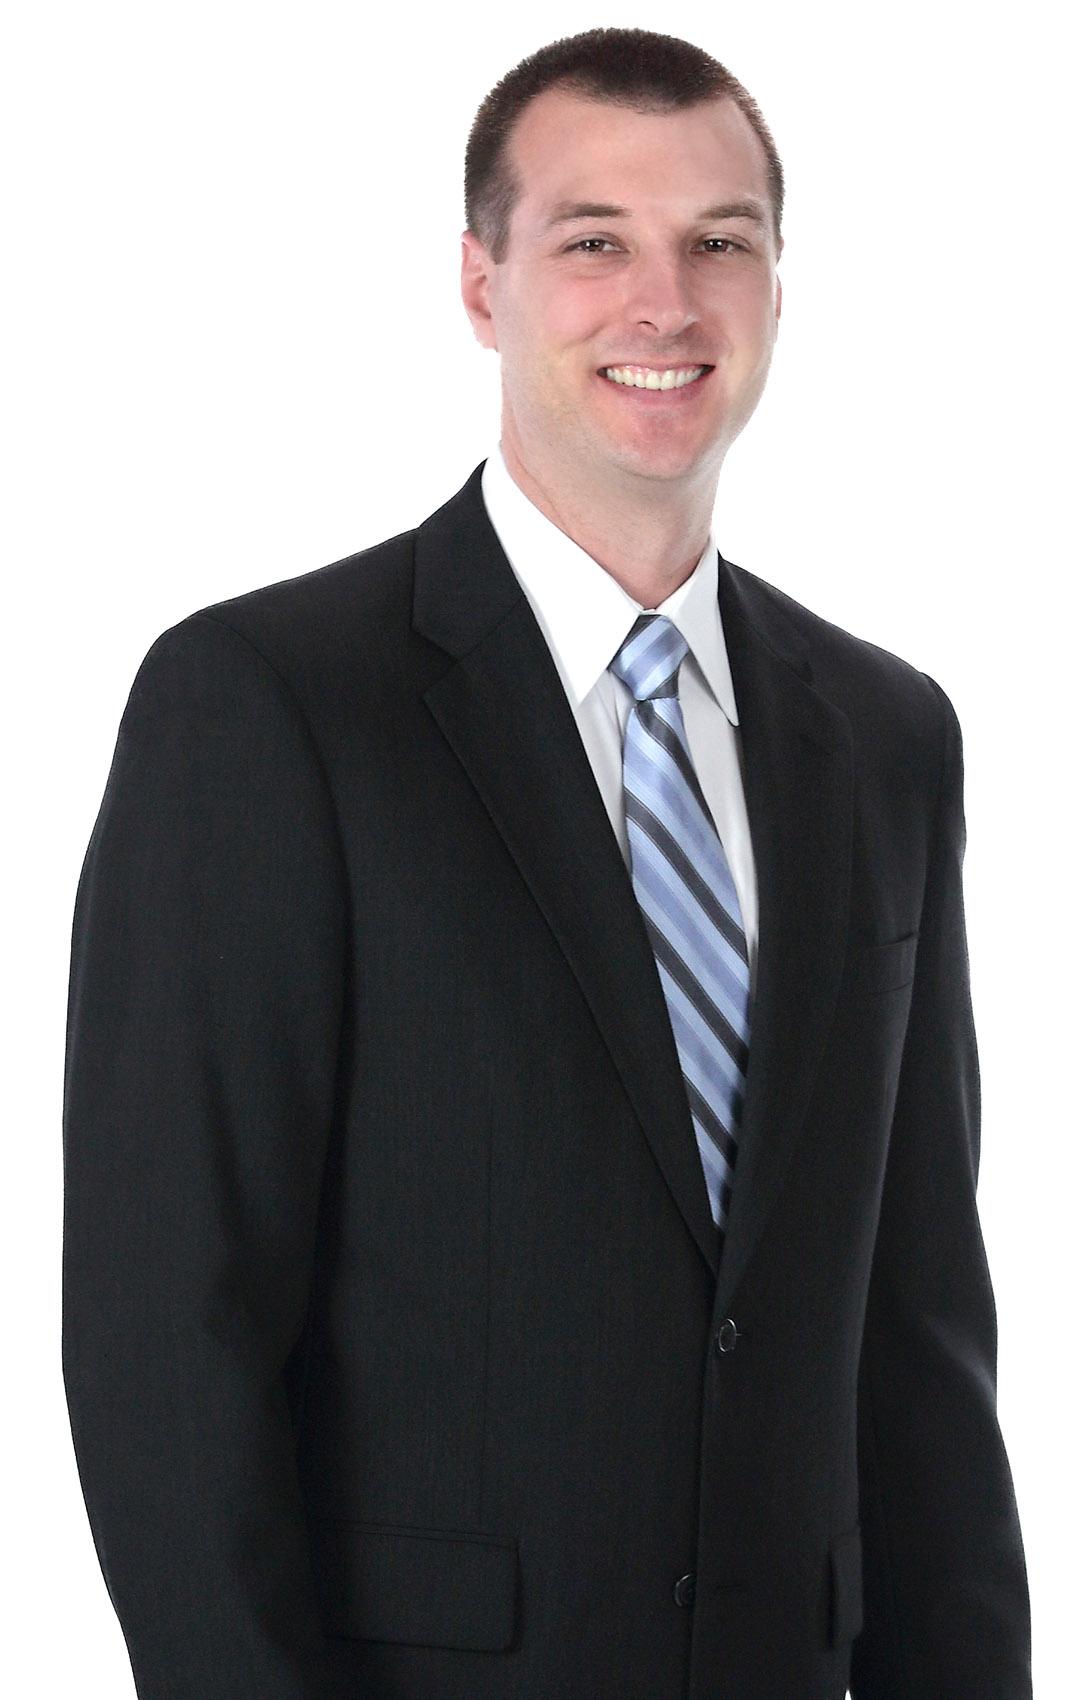 Ryan E. Cosgrove